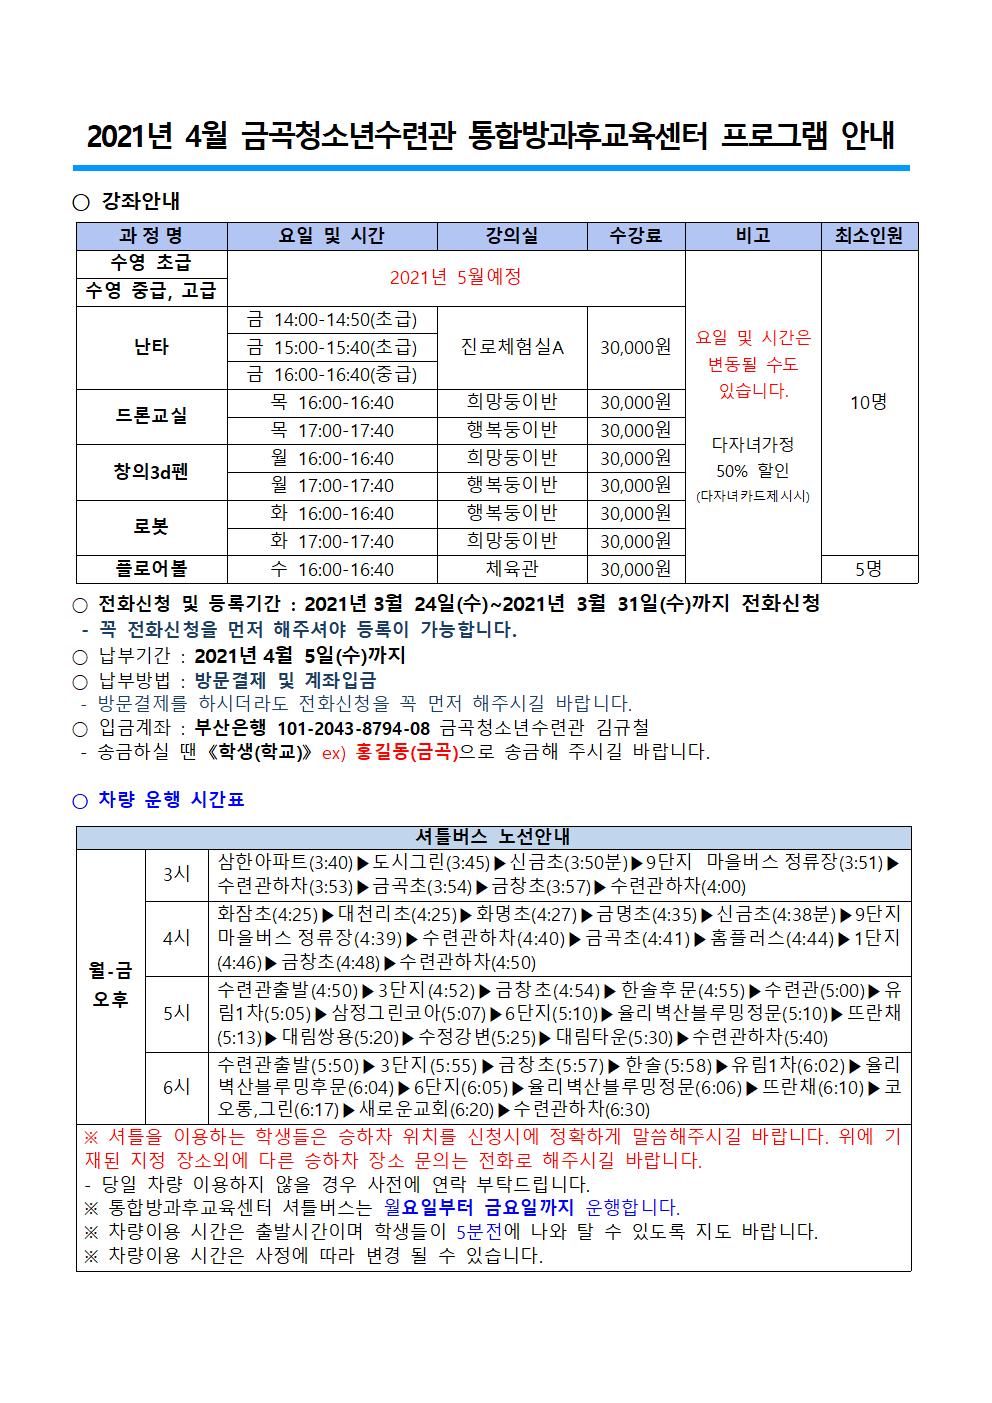 2021 4월 통합방과후교육센터 안내문002.png